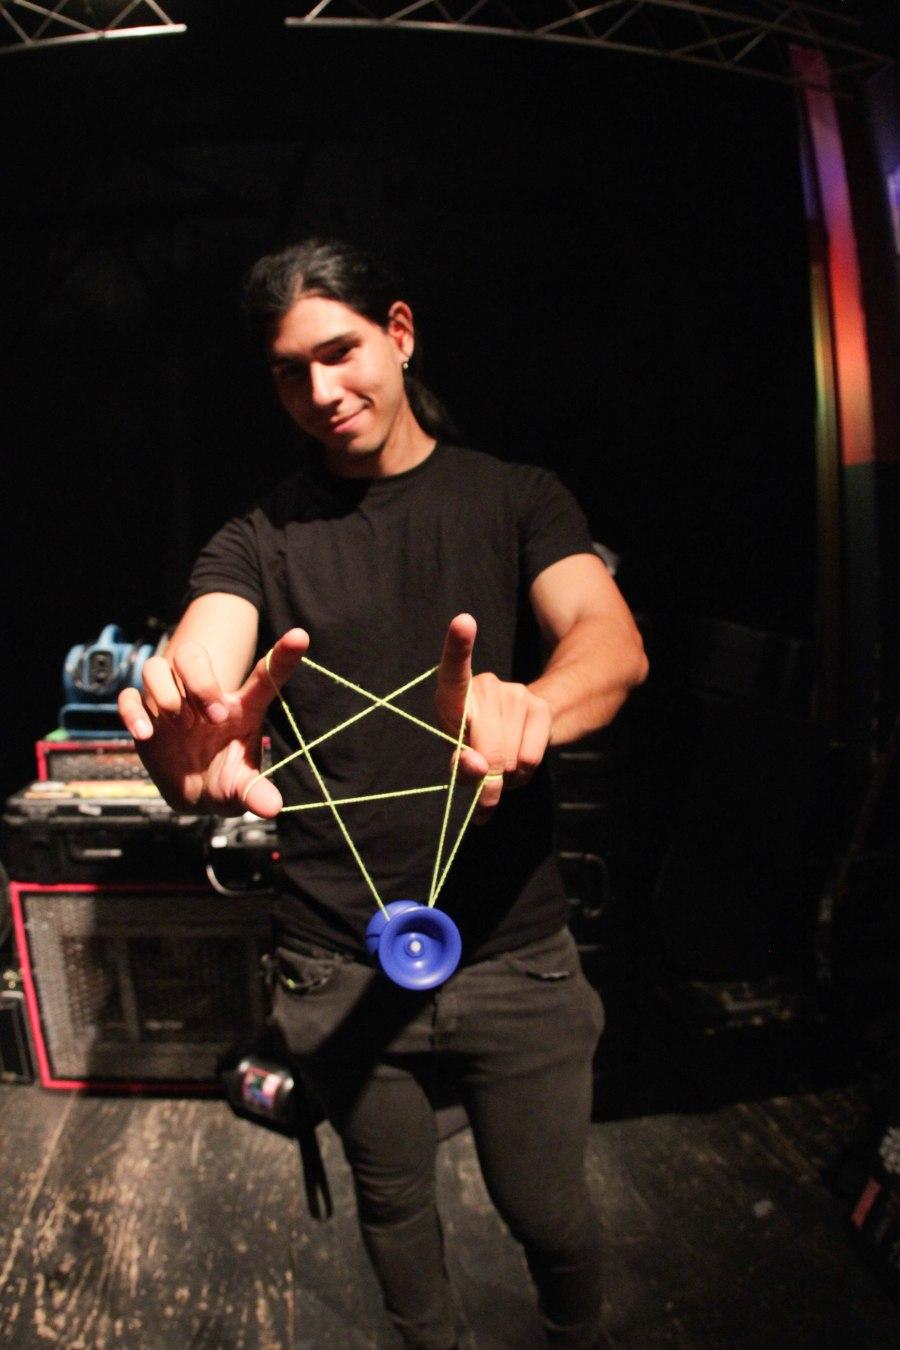 Alex Lee (guitar) of Holy Grail displaying his metal yo-yoing skills.